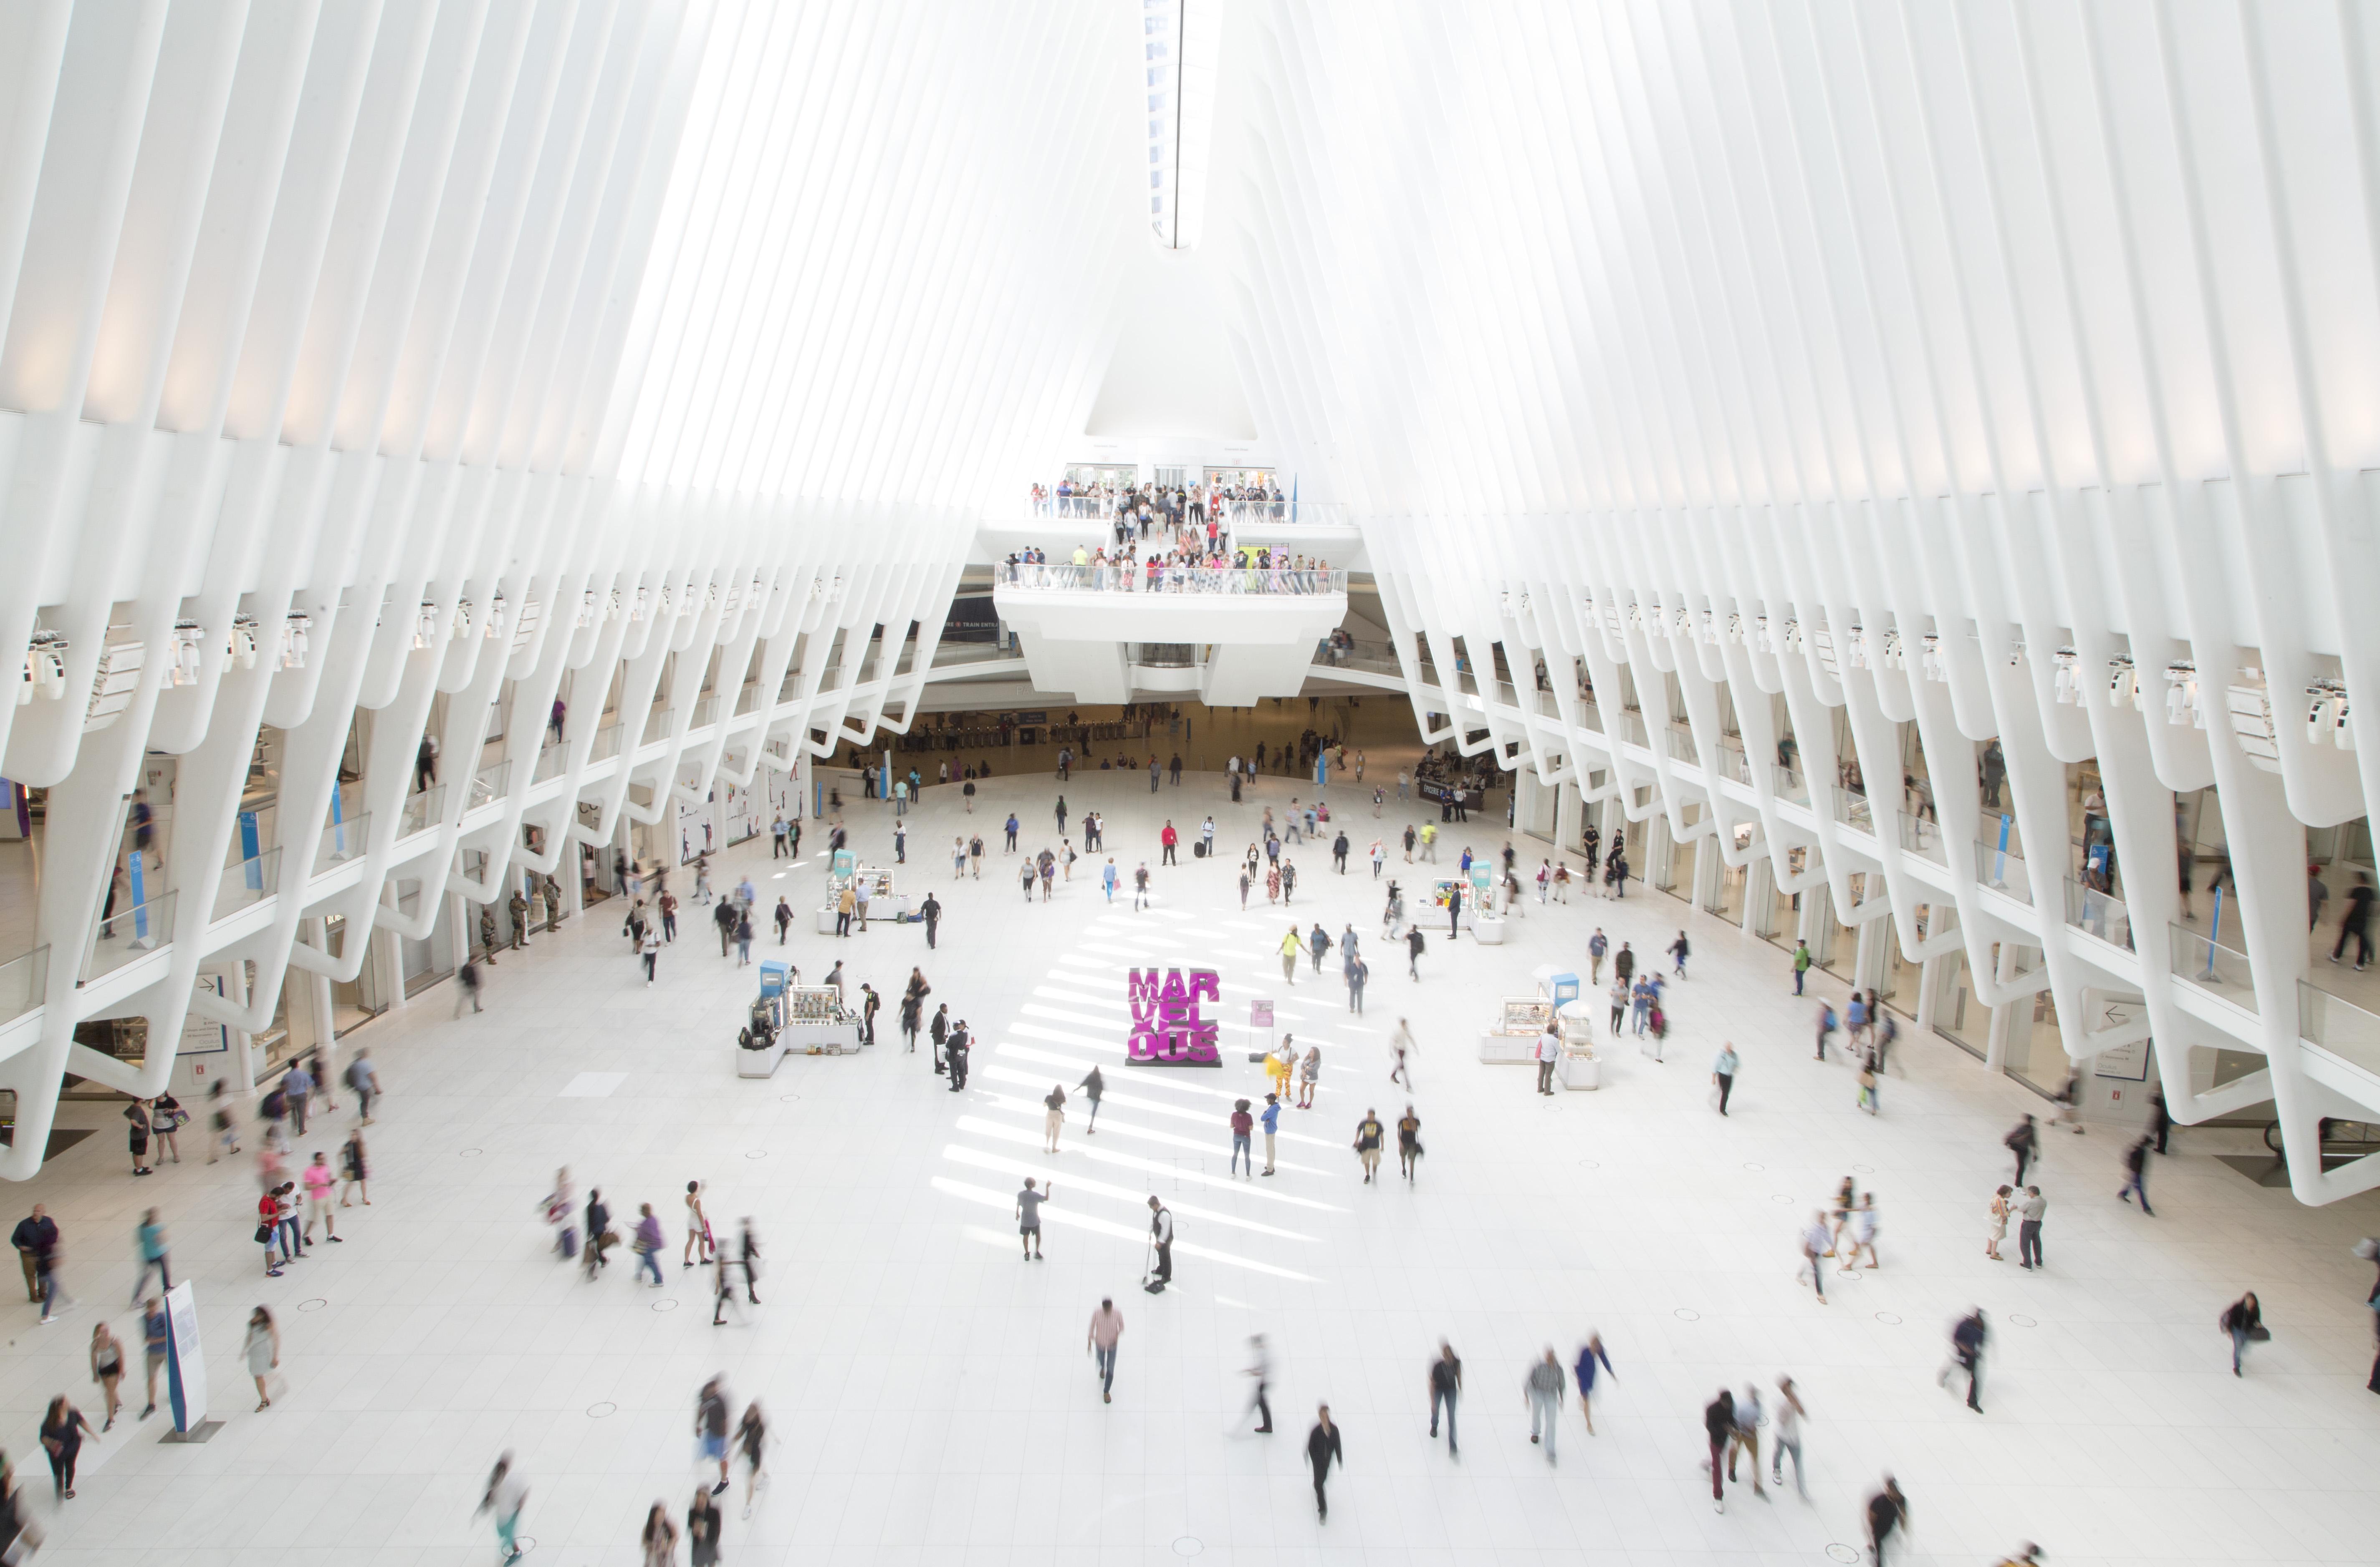 hk_c_E276467 紐約世界貿易中心轉運站。美國紐約州曼哈頓區  劉偉雄  CTPphoto.jpg